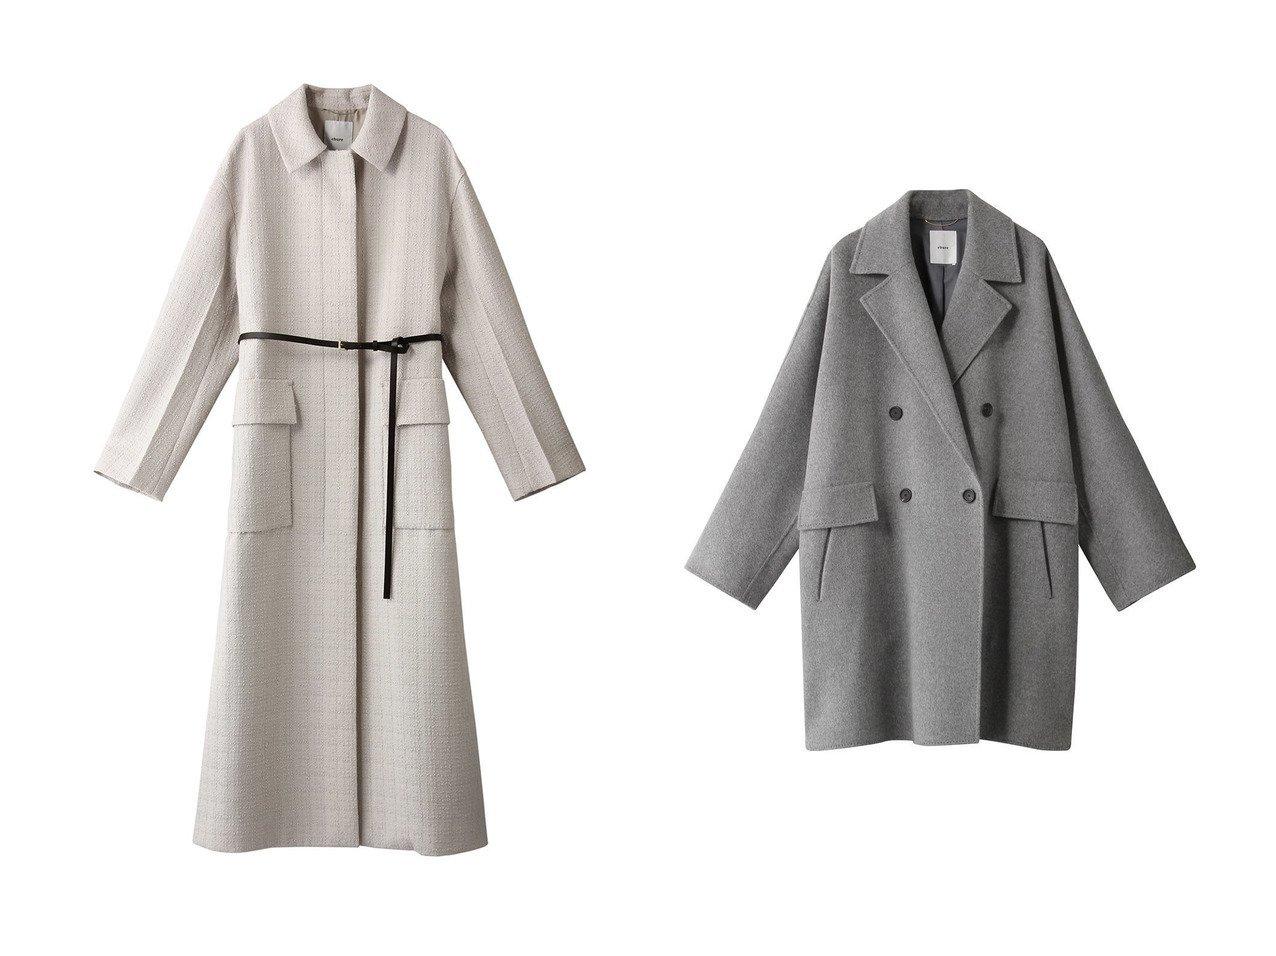 【ebure/エブール】のリュクスツィード ベルトコート&【ELLE SHOP限定】スーパー120 sダブルビーバー ショートコート 【アウター】おすすめ!人気、トレンド・レディースファッションの通販 おすすめで人気の流行・トレンド、ファッションの通販商品 インテリア・家具・メンズファッション・キッズファッション・レディースファッション・服の通販 founy(ファニー) https://founy.com/ ファッション Fashion レディースファッション WOMEN アウター Coat Outerwear コート Coats ベルト Belts 2020年 2020 2020-2021秋冬・A/W AW・Autumn/Winter・FW・Fall-Winter/2020-2021 2021年 2021 2021-2022秋冬・A/W AW・Autumn/Winter・FW・Fall-Winter・2021-2022 A/W・秋冬 AW・Autumn/Winter・FW・Fall-Winter ツイード ロング ショート スリット ダブル 定番 Standard  ID:crp329100000058644